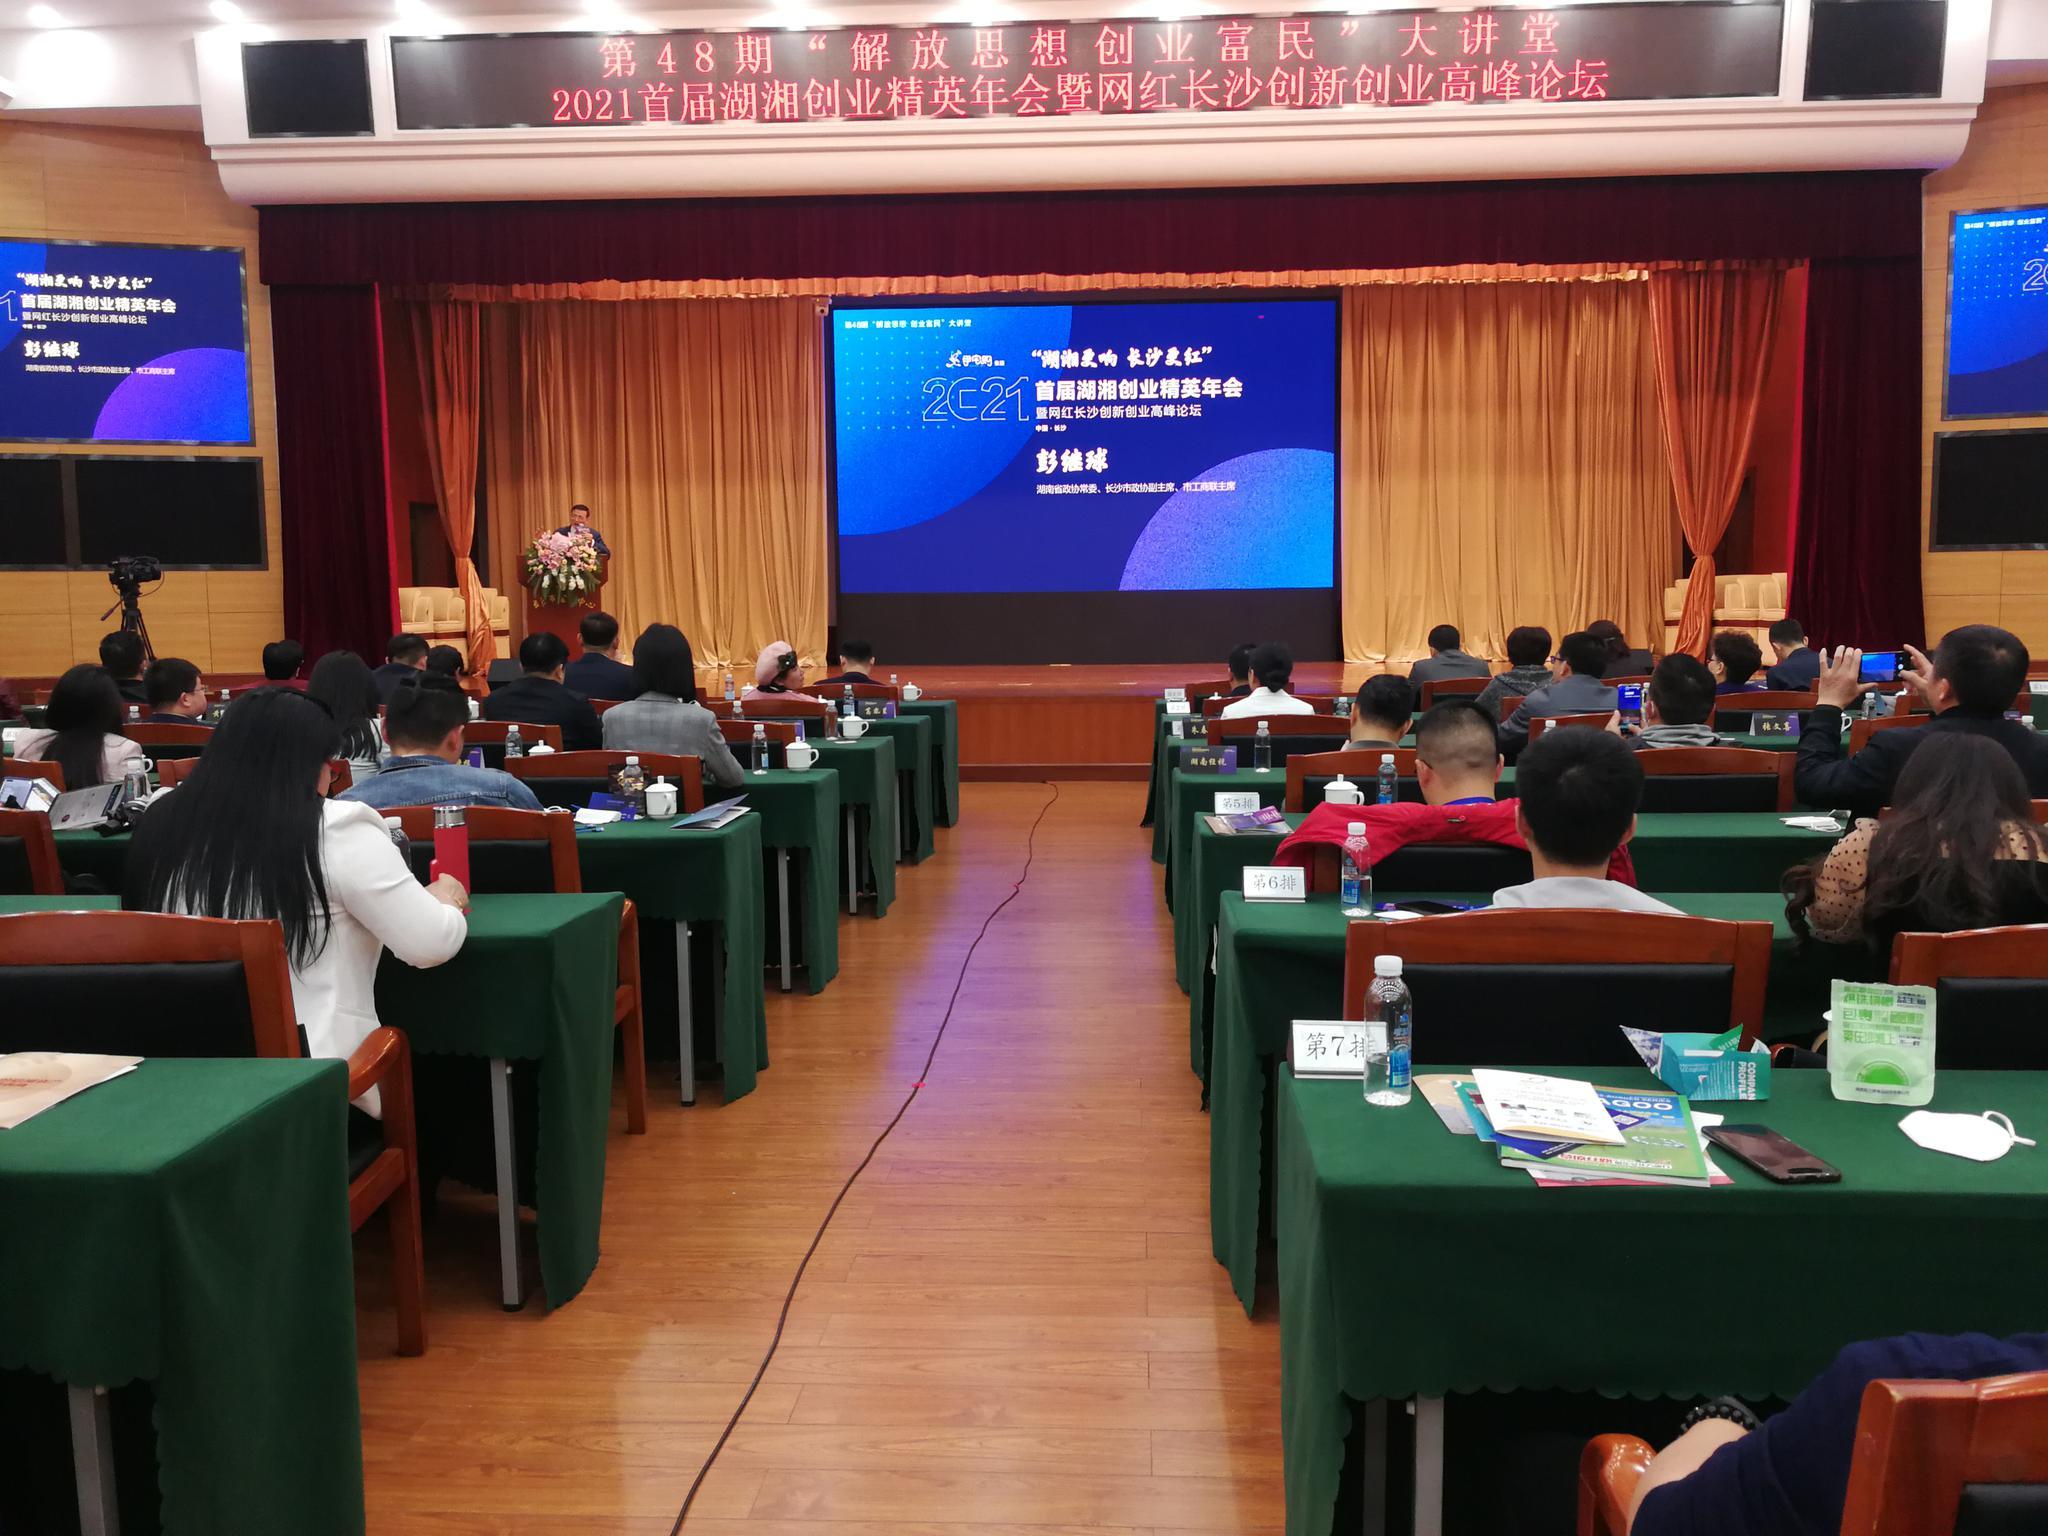 2021首届湖湘创业精英年会暨网红长沙创新创业高峰论坛举办